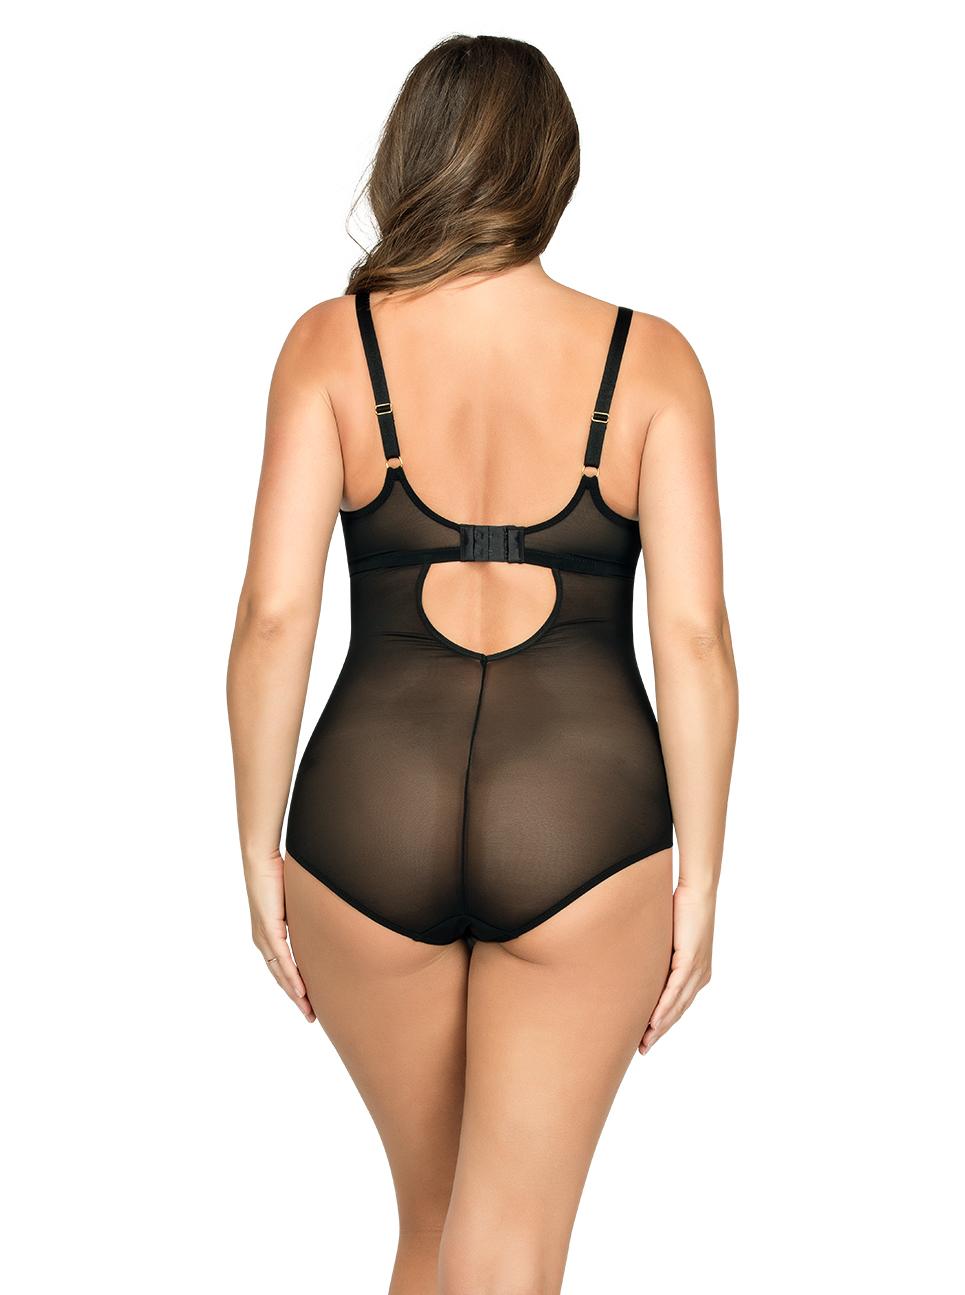 PARFAIT Briana WiredBodysuitP5677 BlackFloral Back - Briana Wired Bodysuit Black Floral P5677